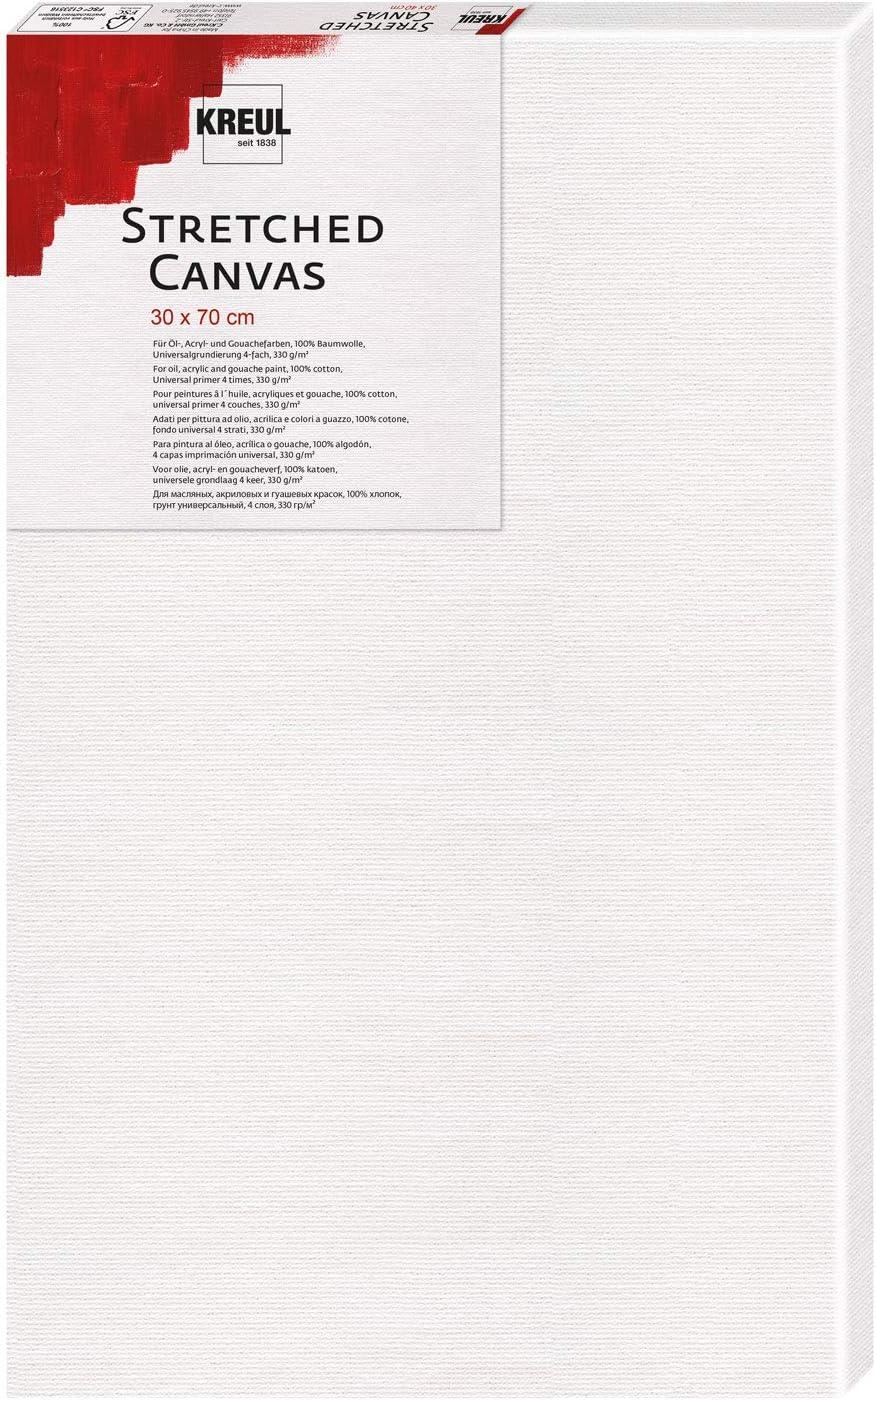 30 x 70 cm ca wei/ß Kreul 593070 Stretched Canvas Leinwand aus Baumwolle 4 fach grundiert Keilrahmen in Einsteigerqualit/ät One Size ideal f/ür Acryl-und Gouachefarben